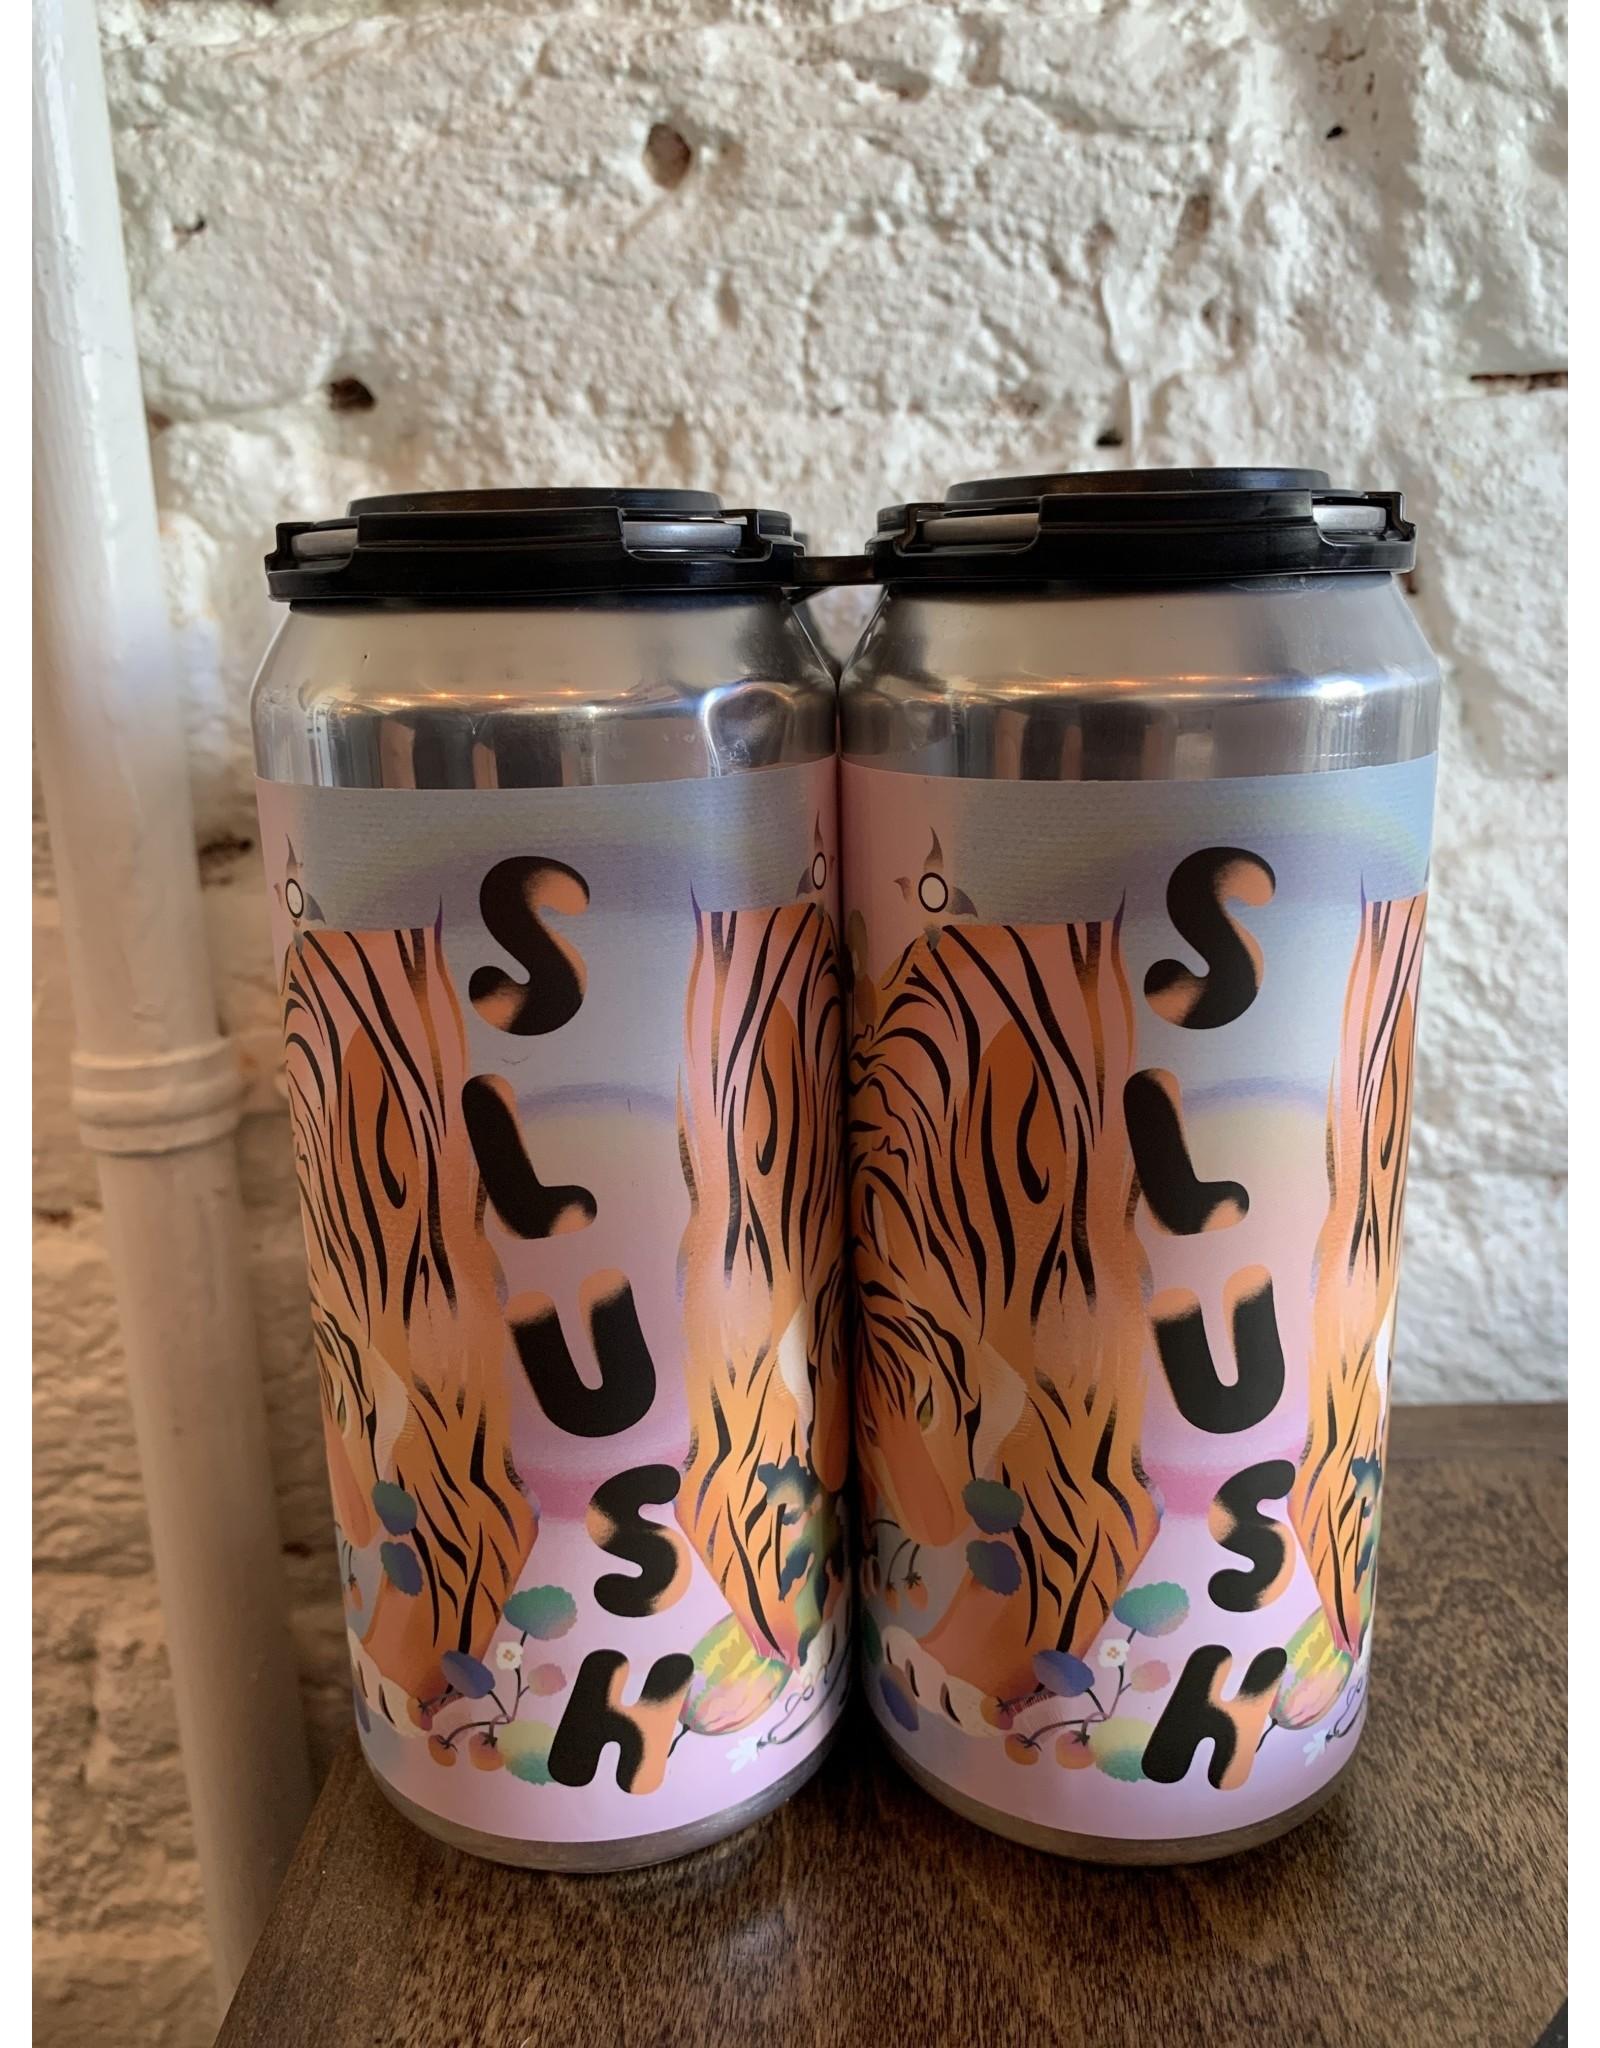 Eagle Park Brewing Co., Tigers Blood Slush, Sour Ale